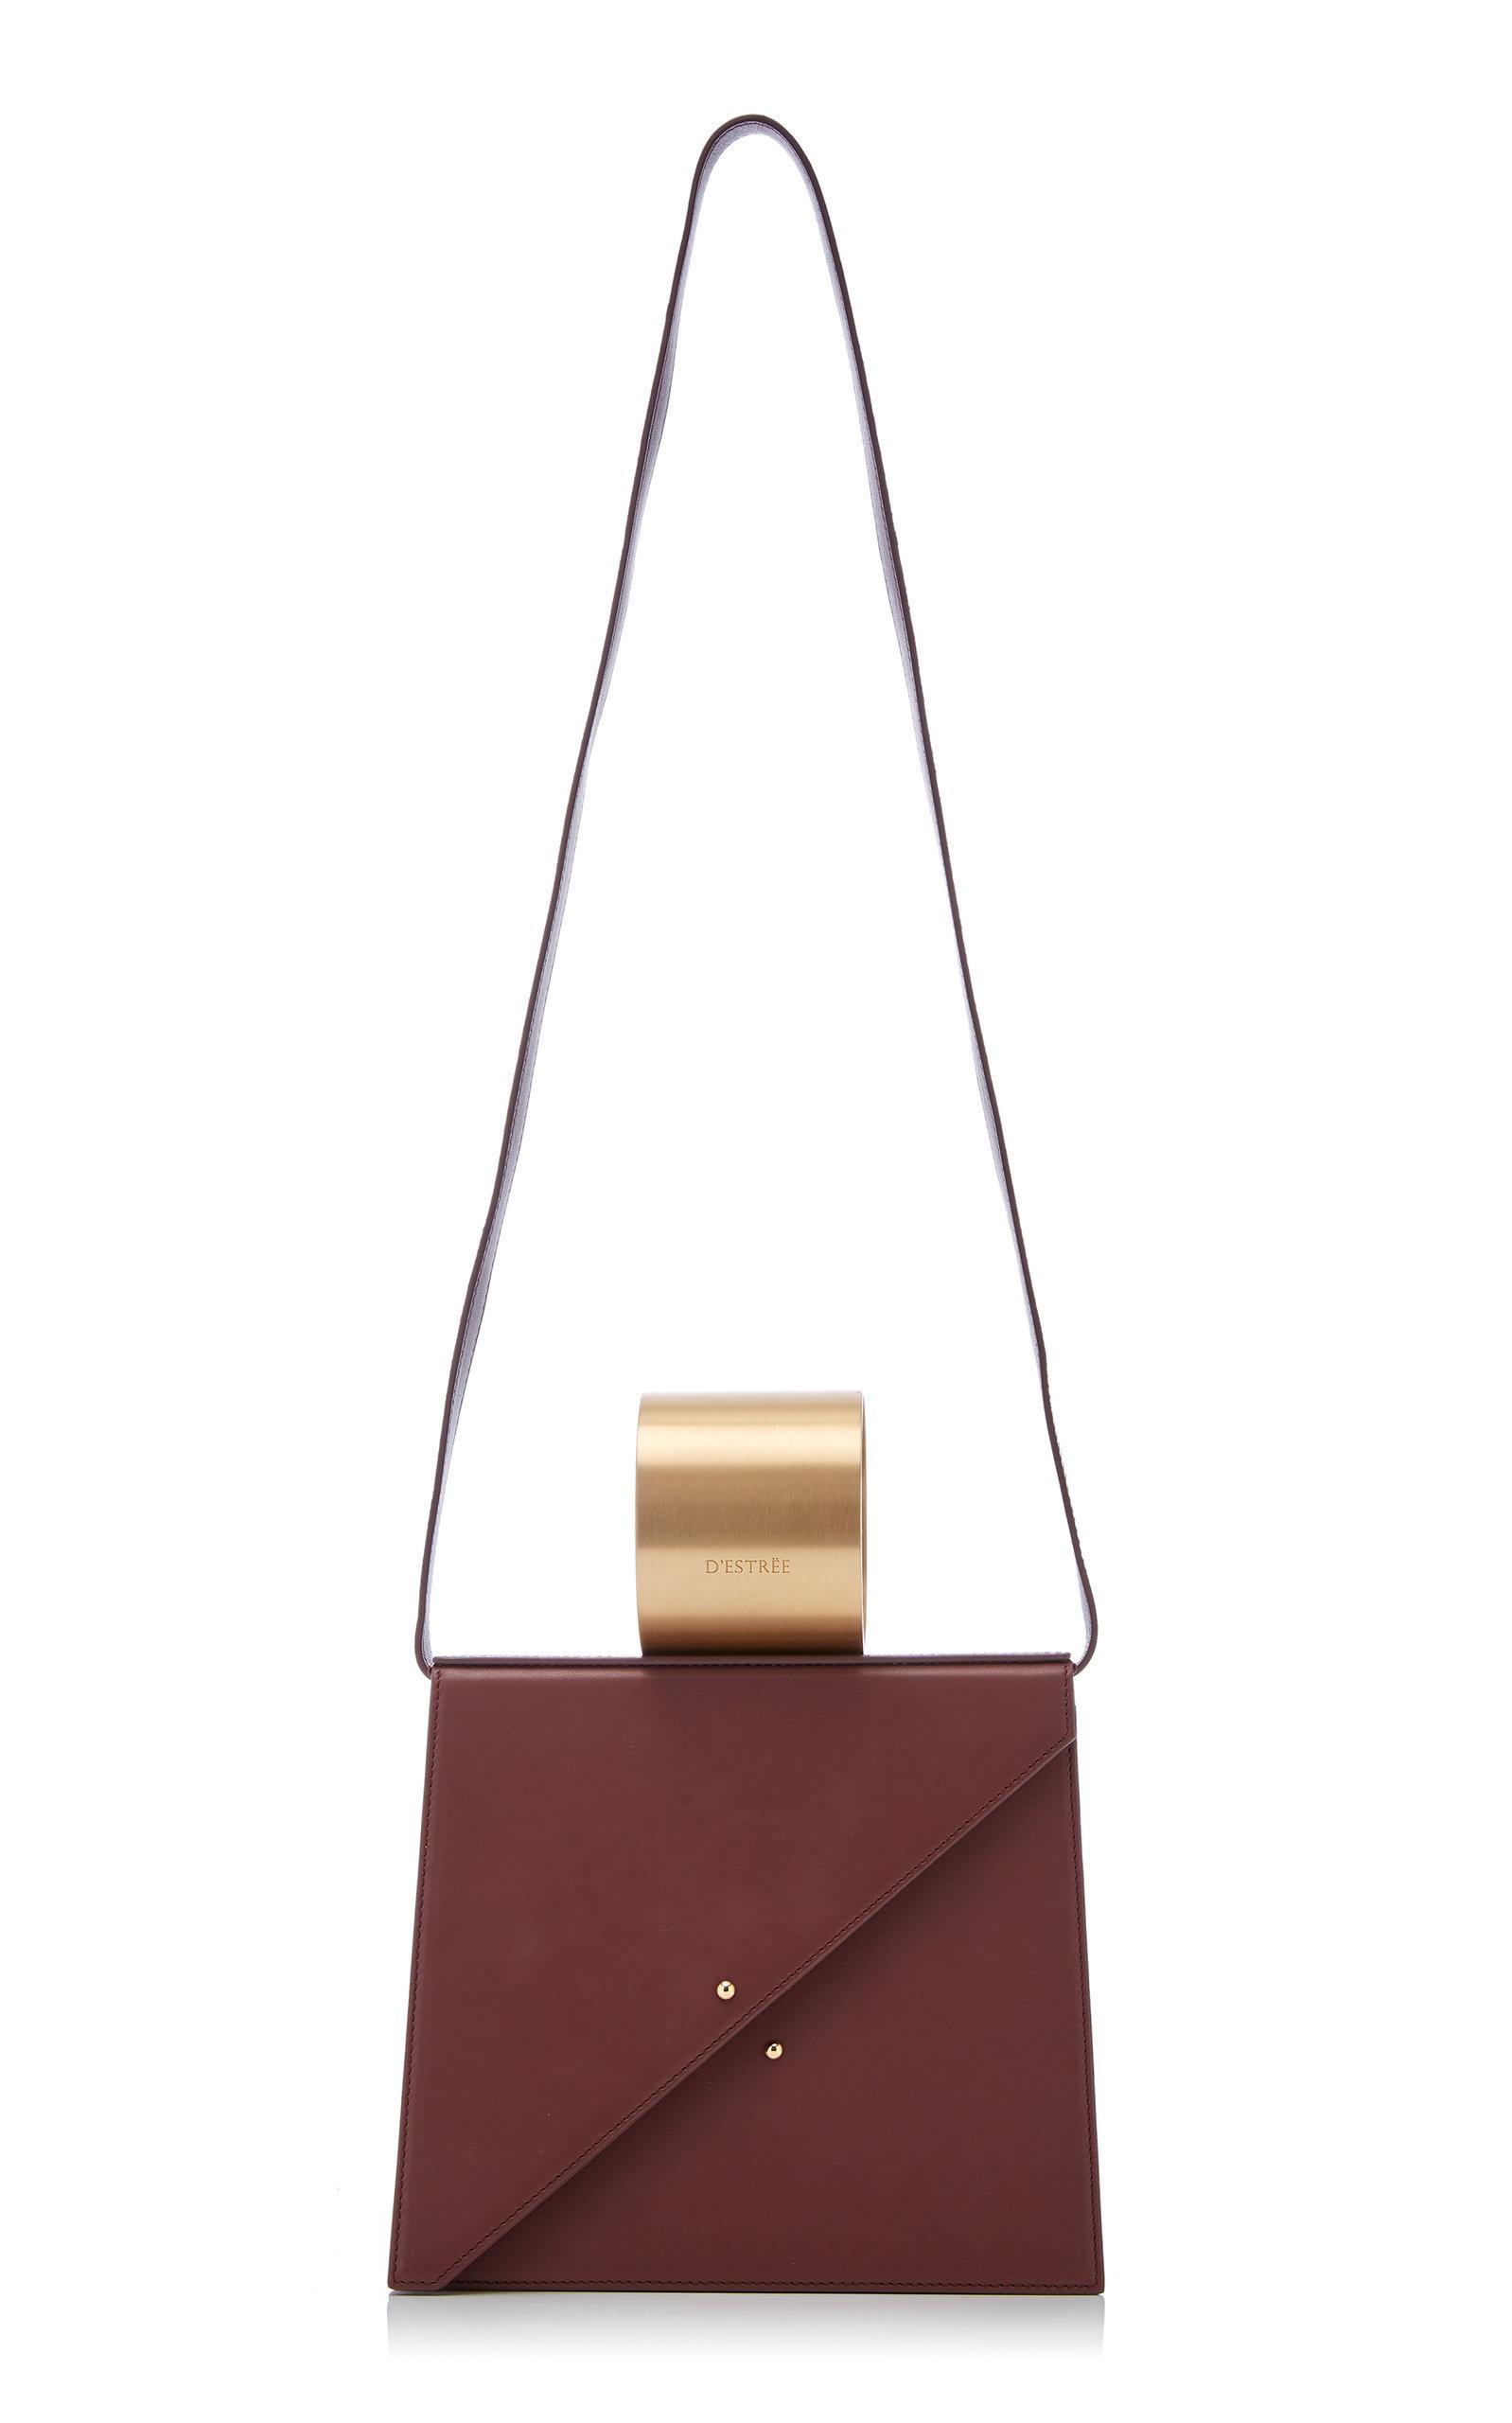 D'Estrëe Paris Pre-owned - Leather handbag TEx5K